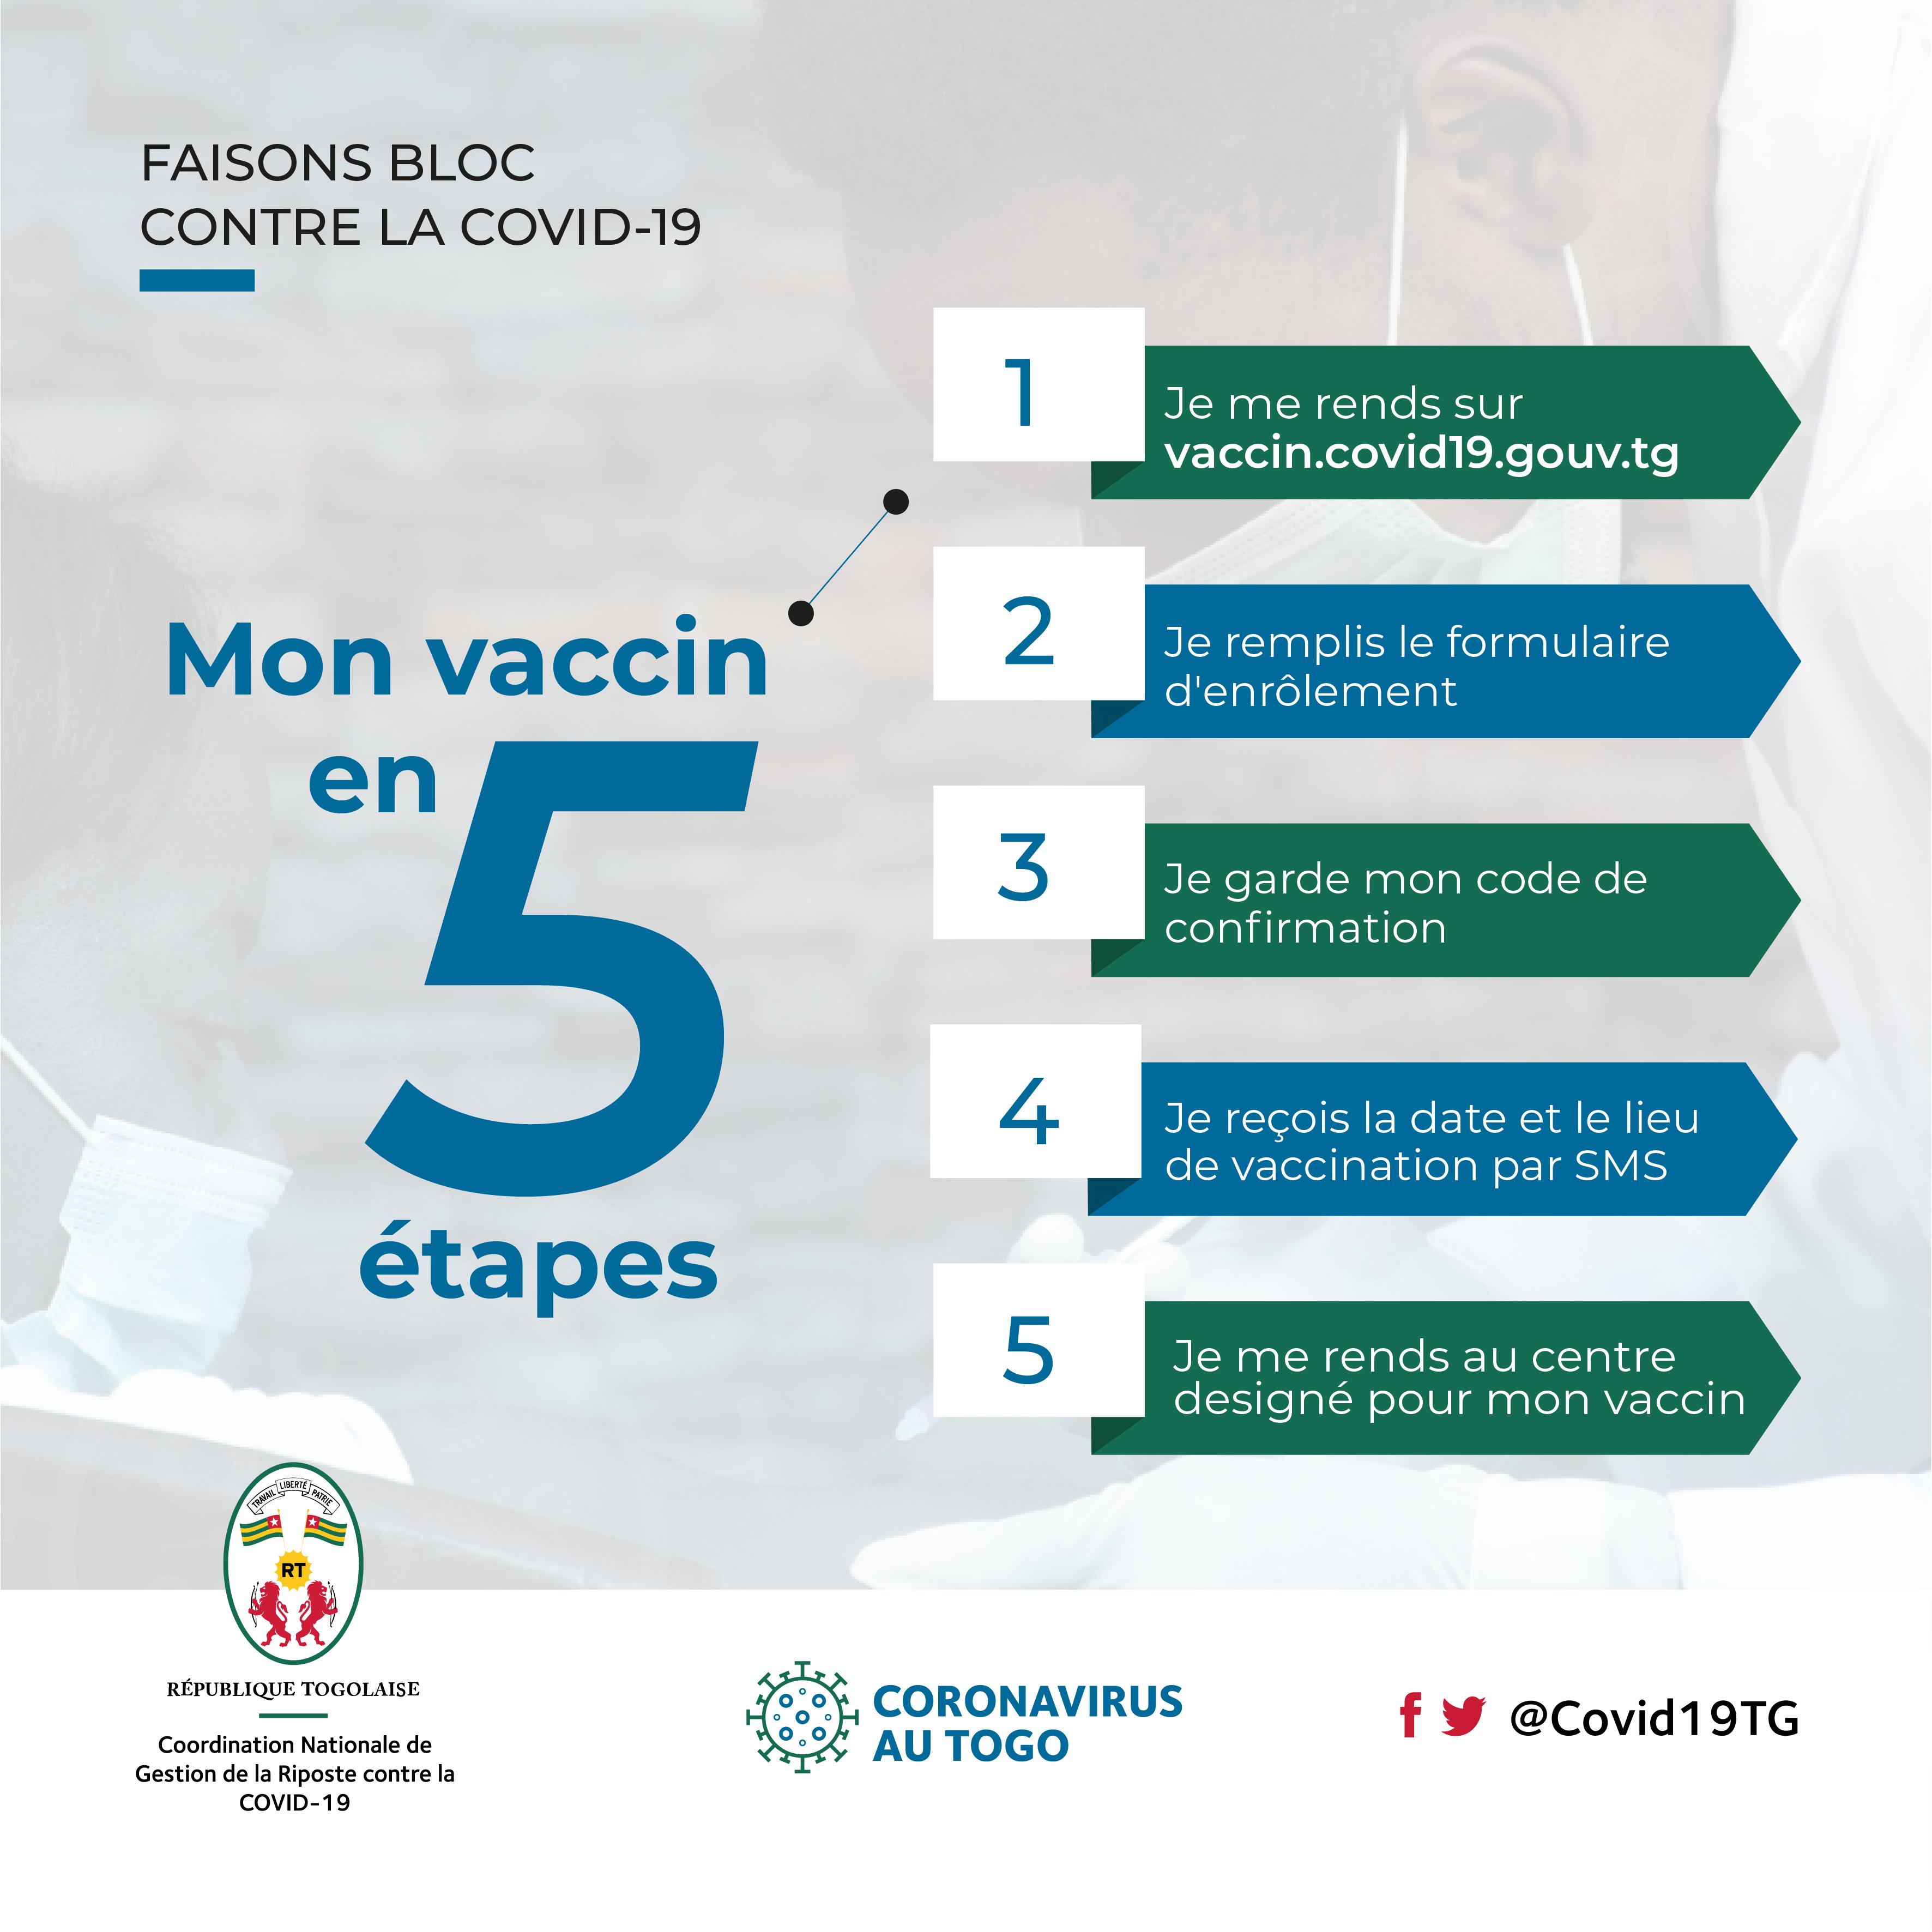 Visuel 5 etapes pour avoir le vaccin